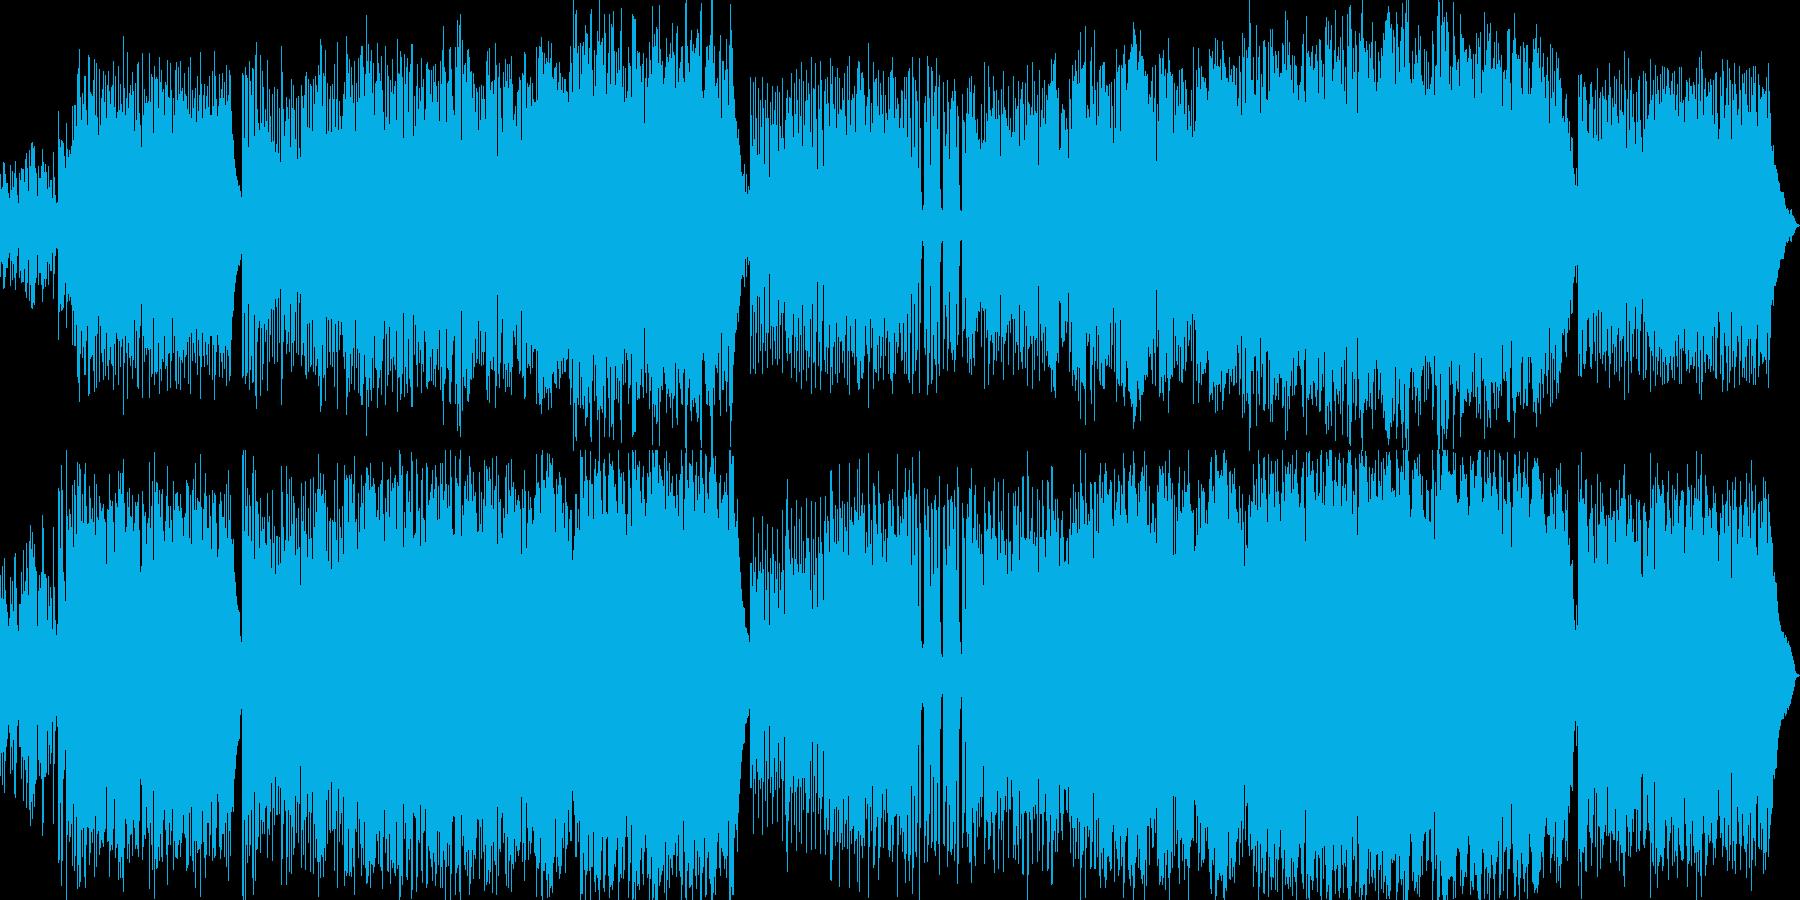 ピアノ・鍵盤ロックで疾走感のある楽曲の再生済みの波形